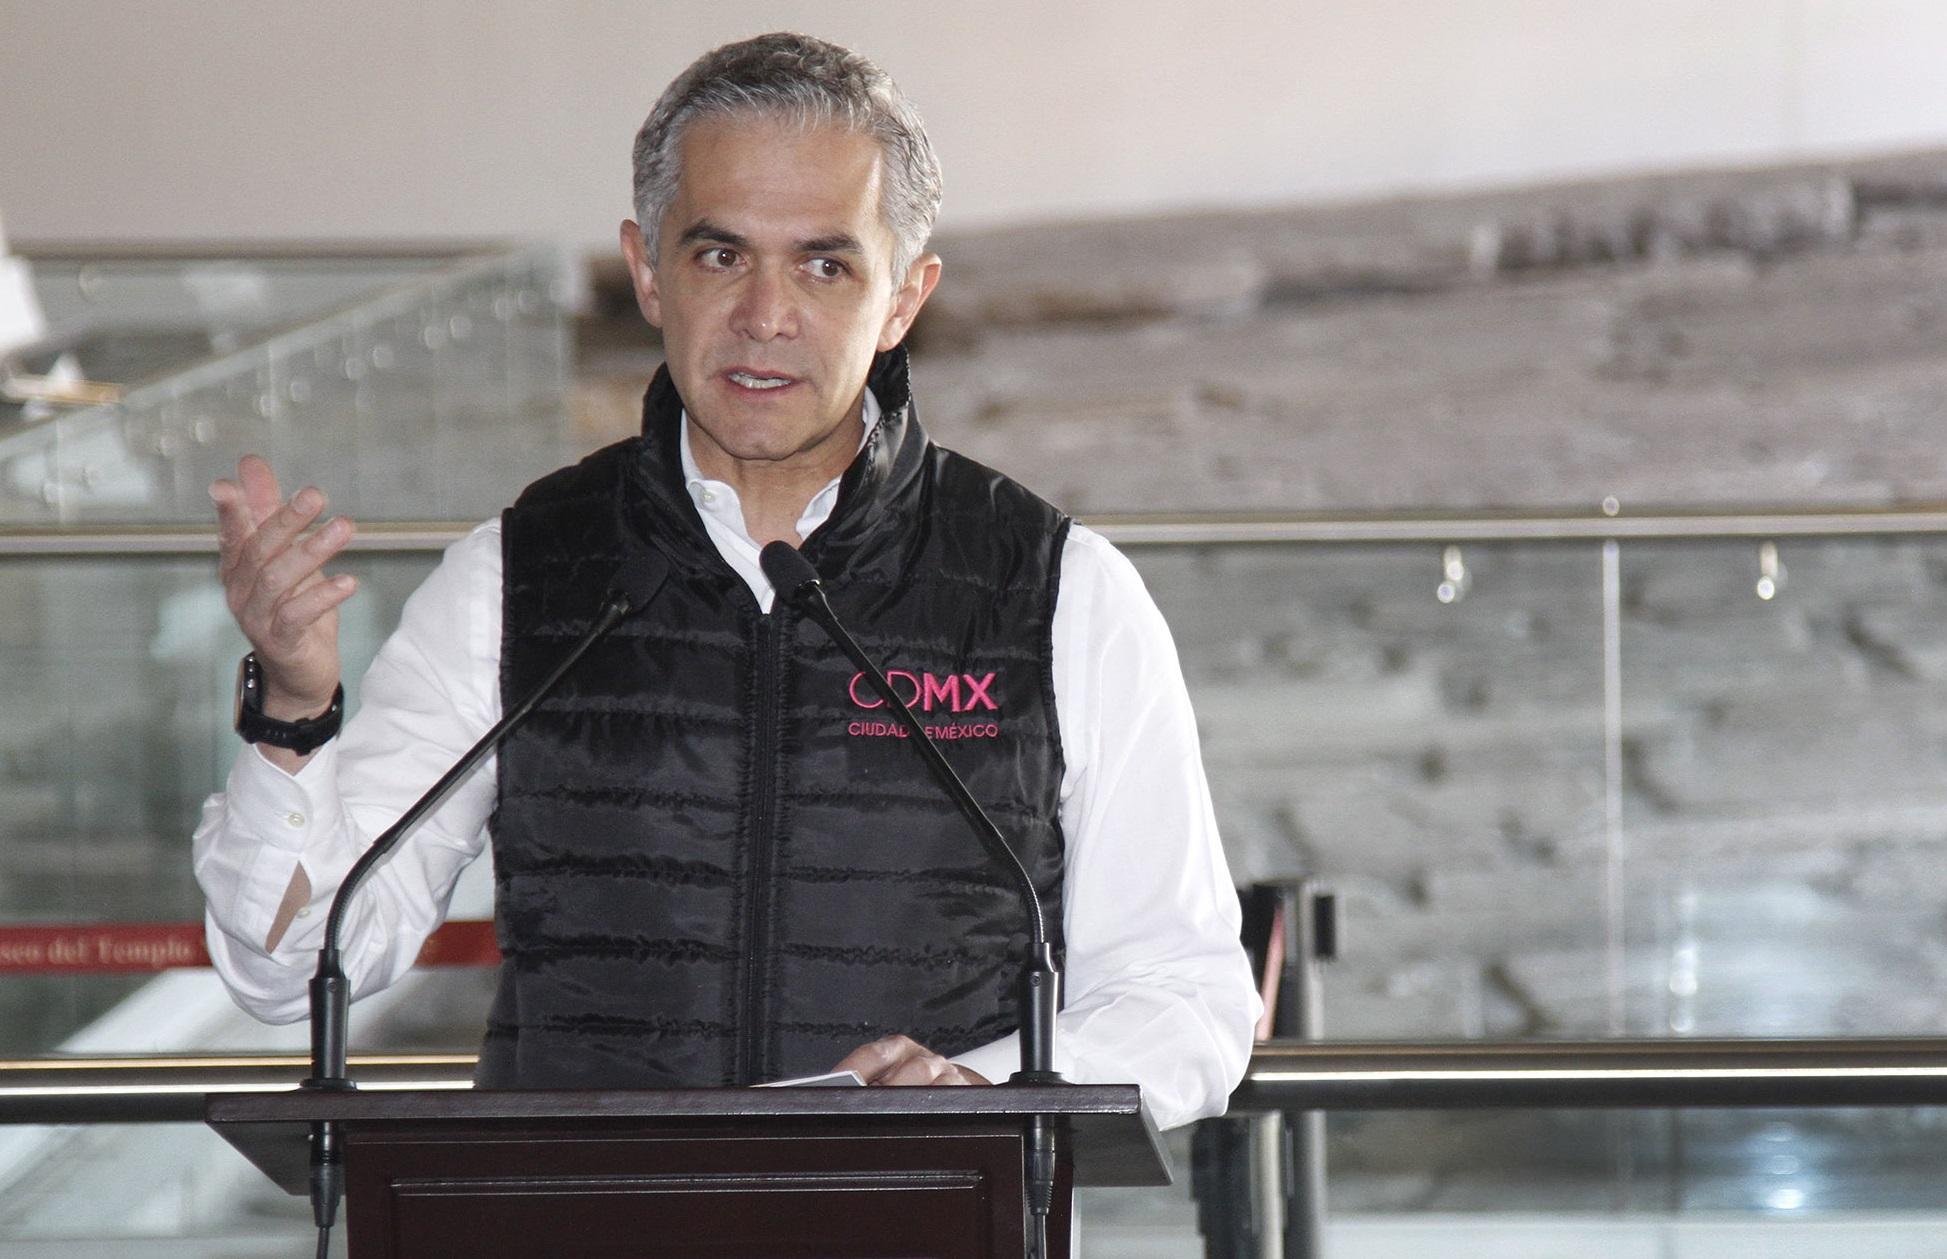 Vaticano cancela reconocimiento a CDMX; Mancera desconoce motivos